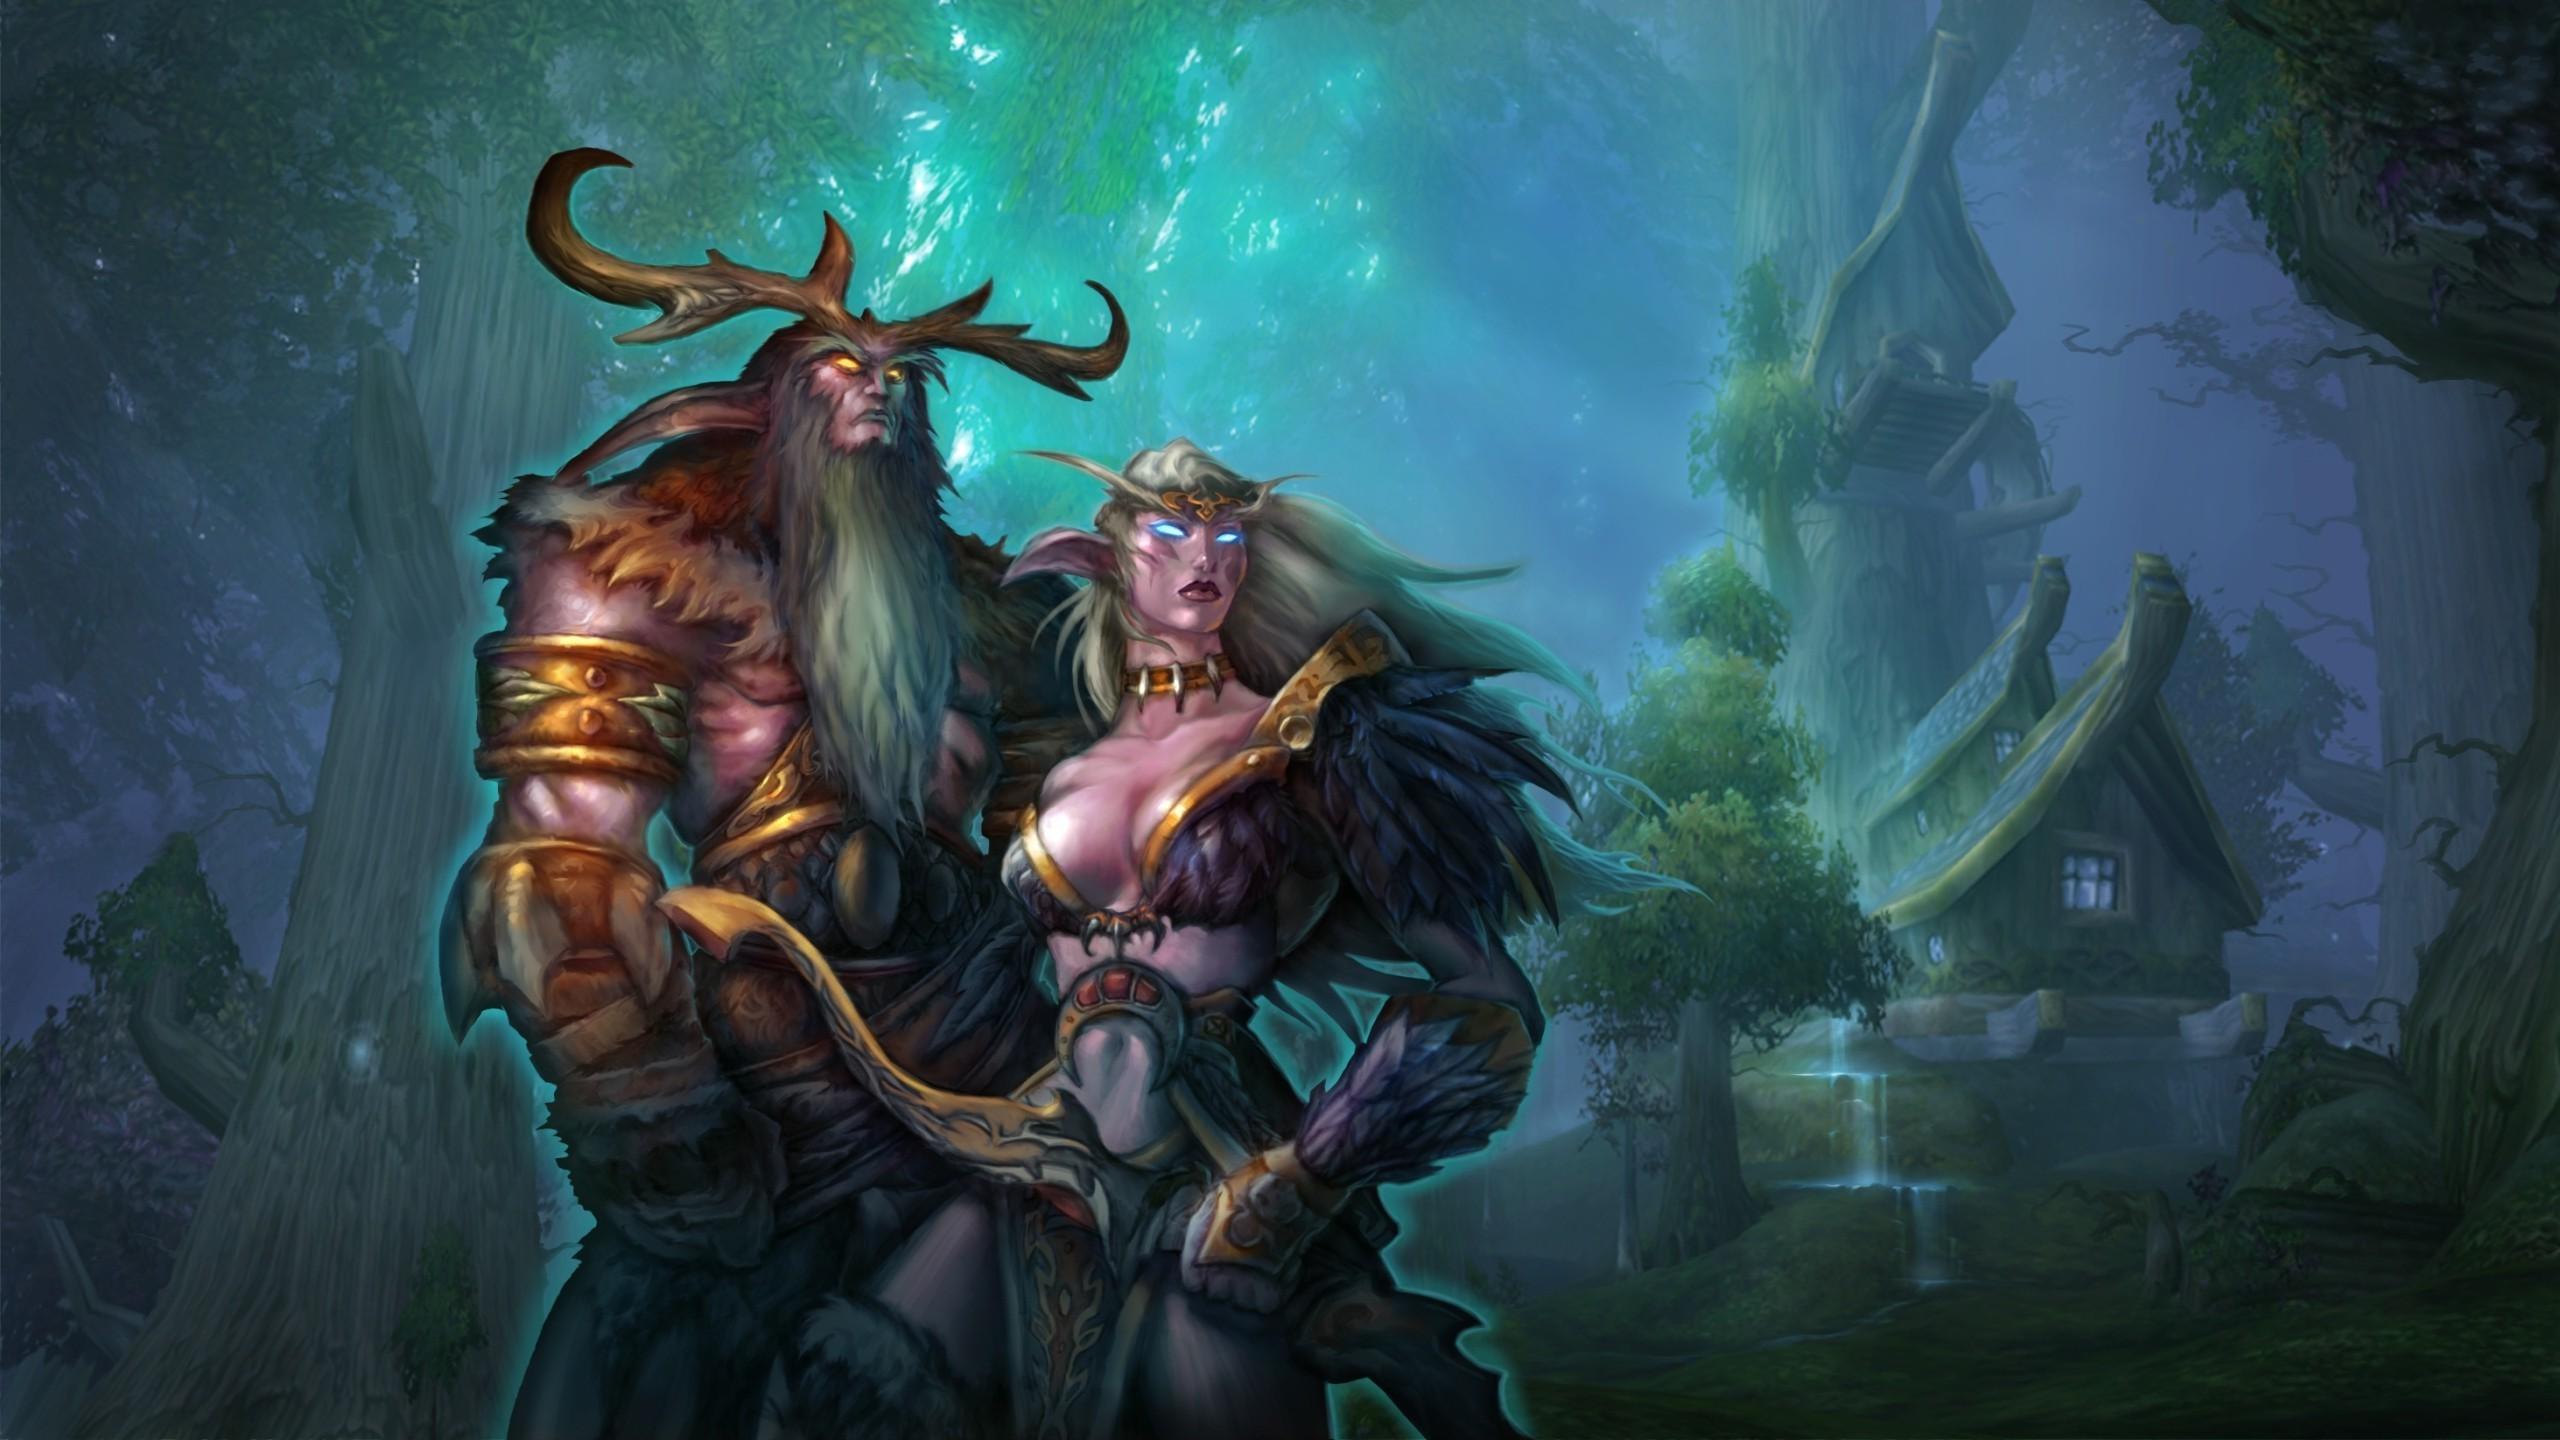 elves, Night Elves, World Of Warcraft, Fantasy Art, Malfurion Wallpapers HD  / Desktop and Mobile Backgrounds